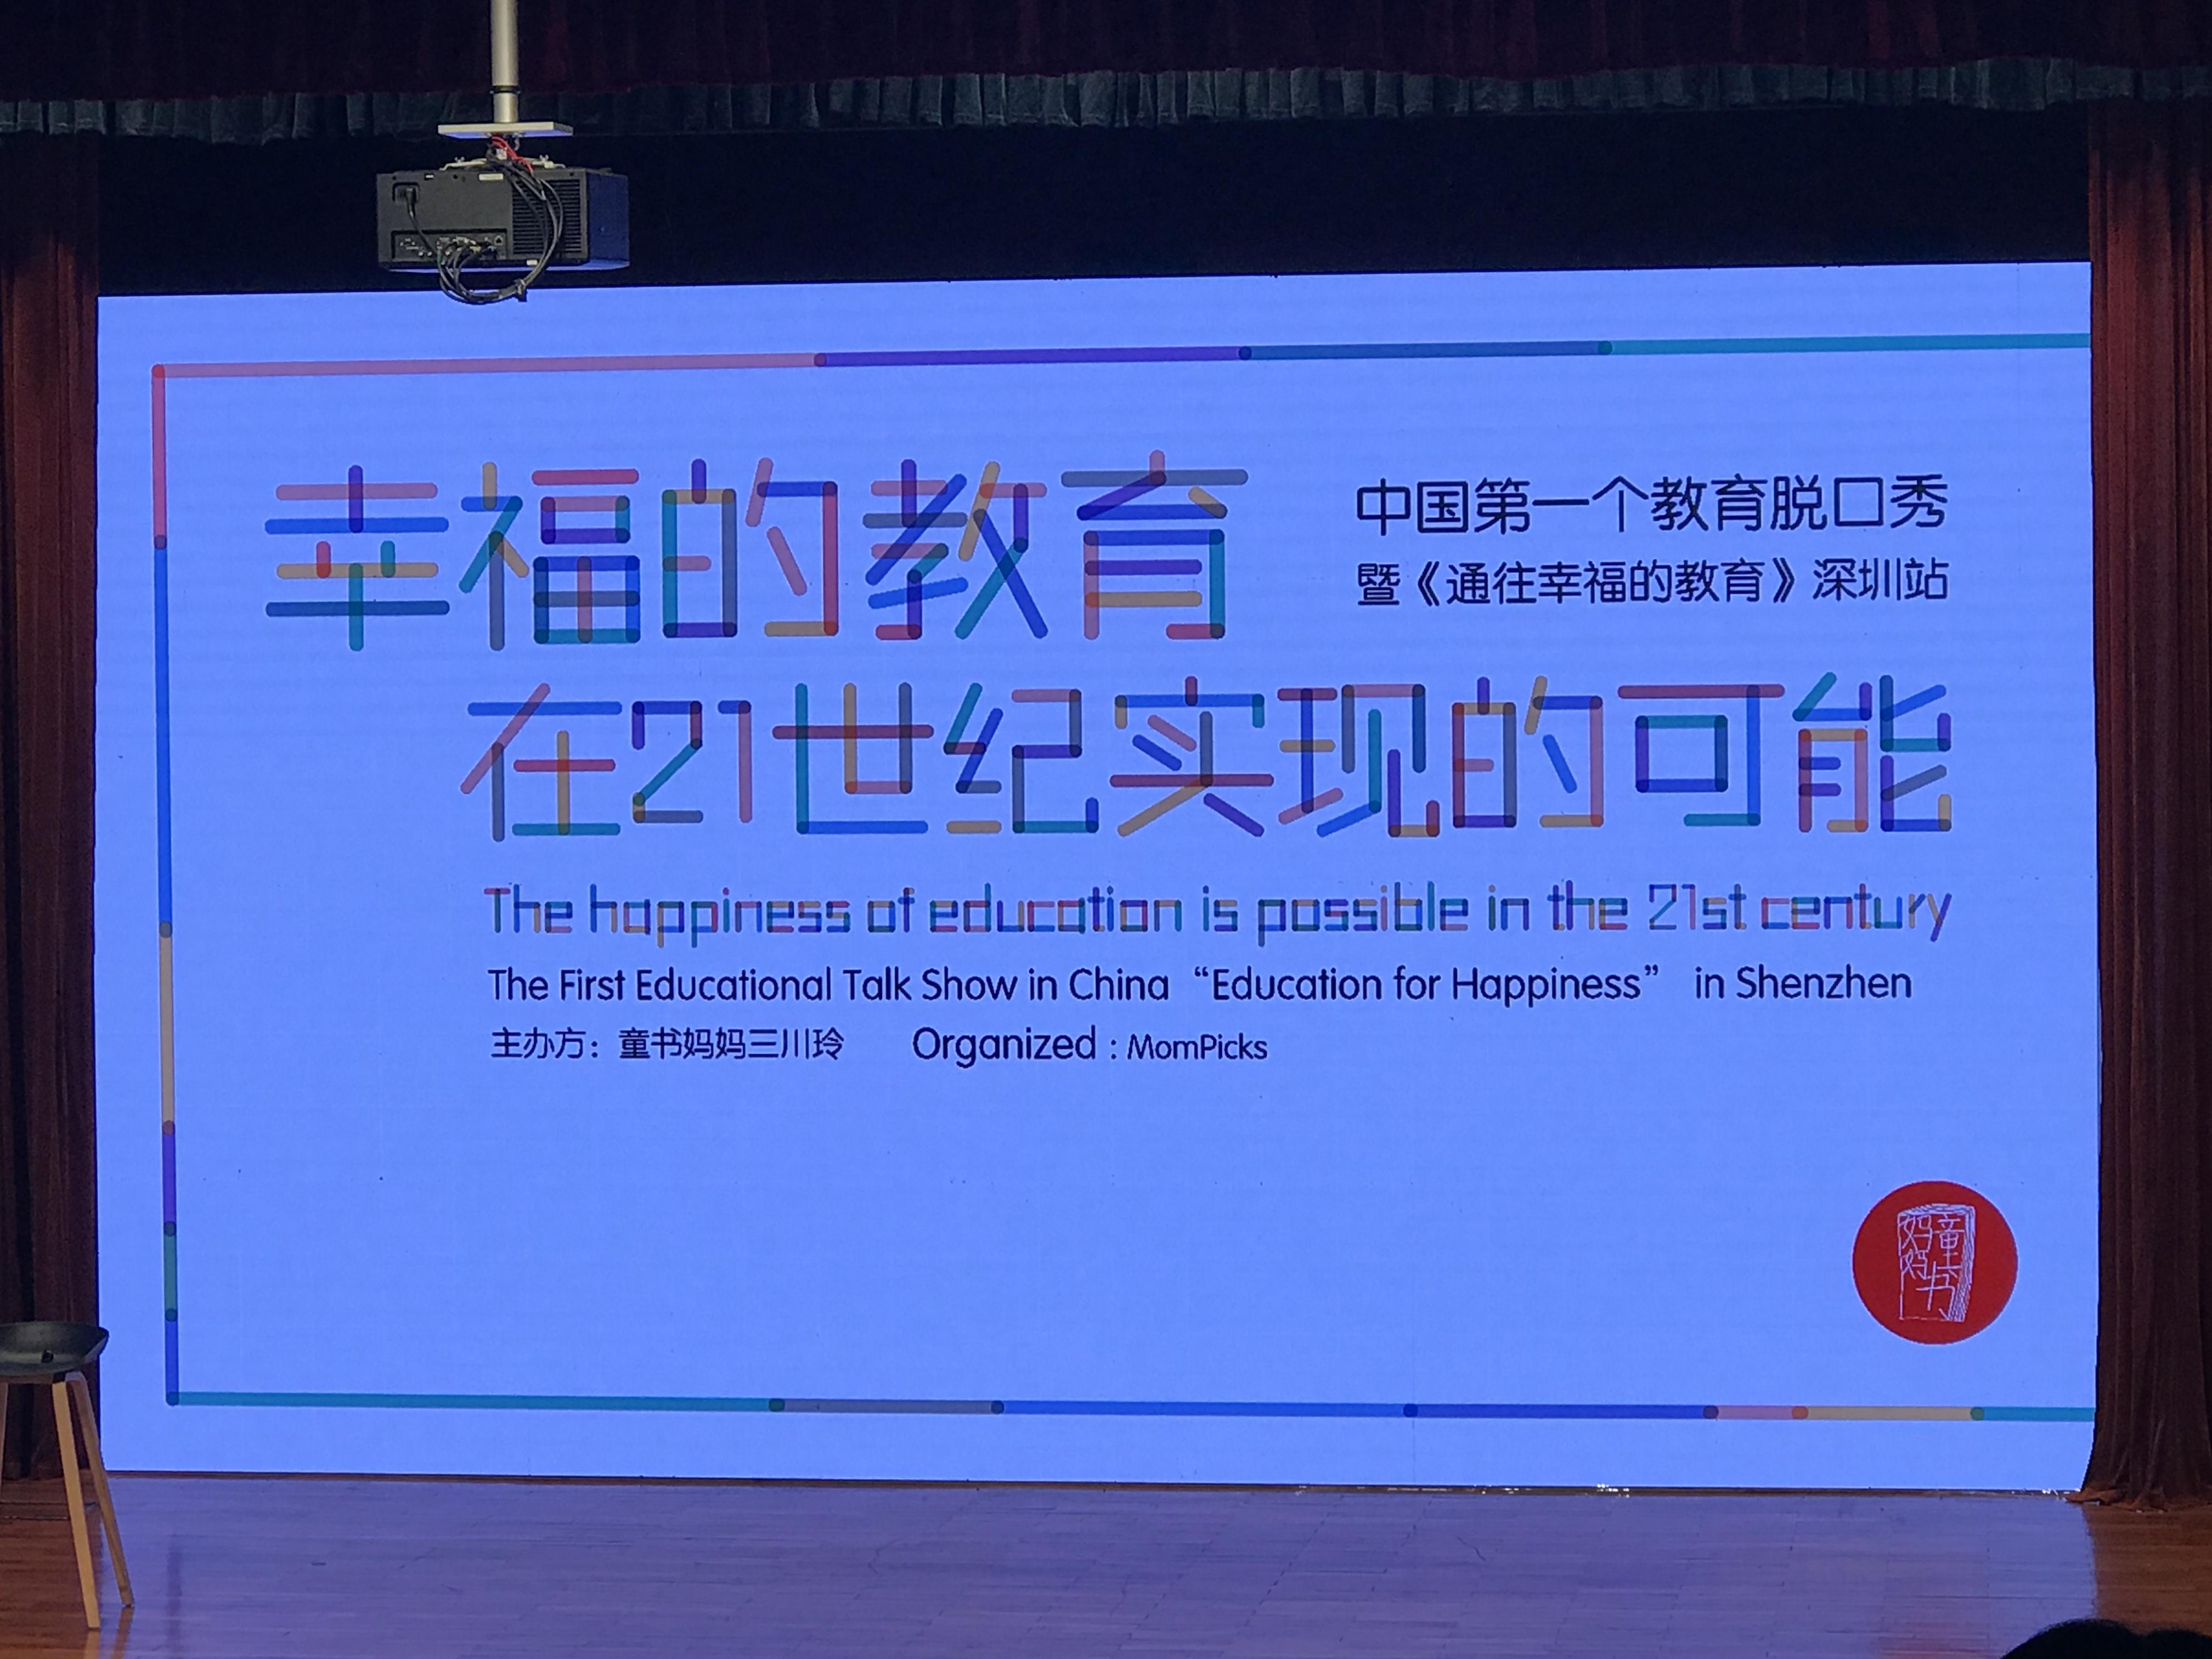 幸福的教育——中国首个教育脱口秀在深圳圆满落幕